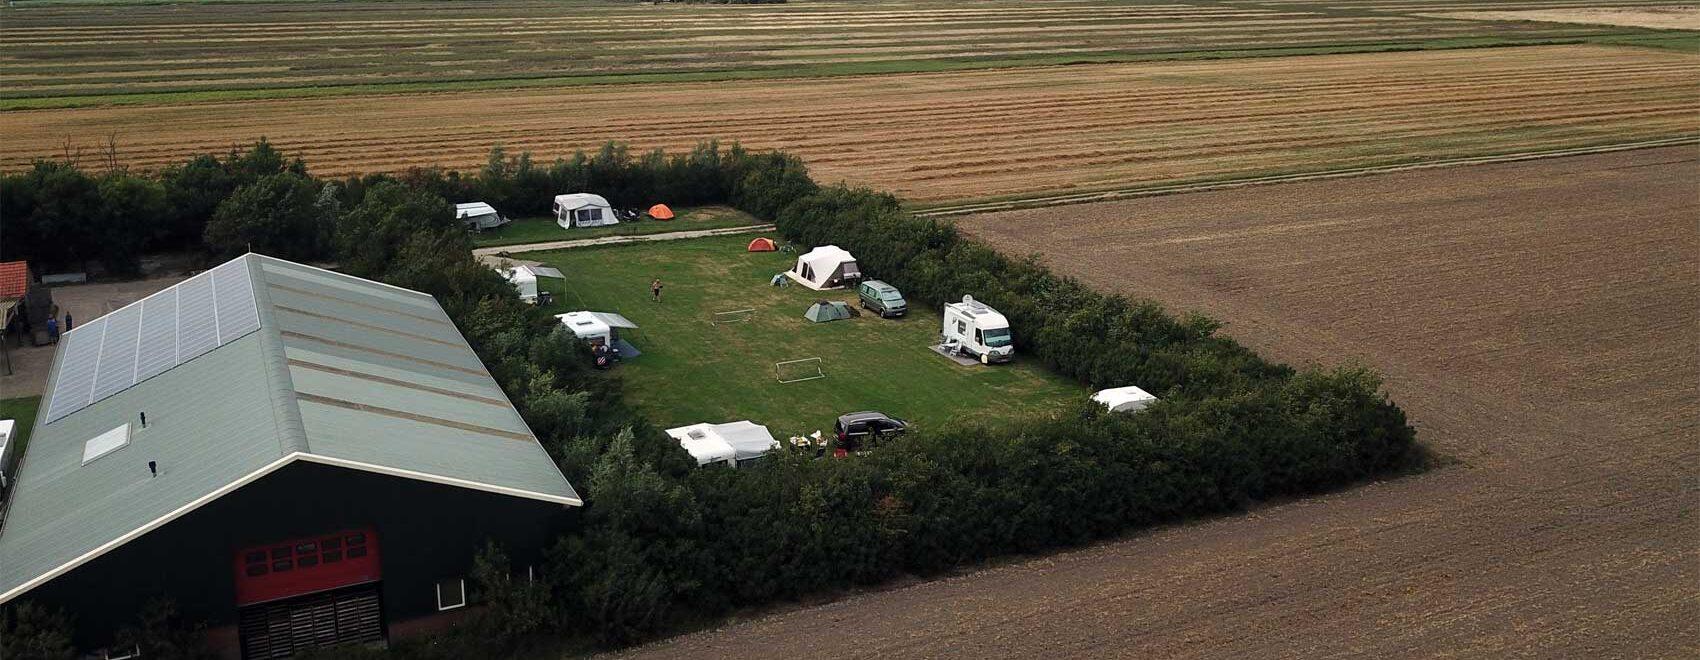 Kampeerveld 2 luchtfoto